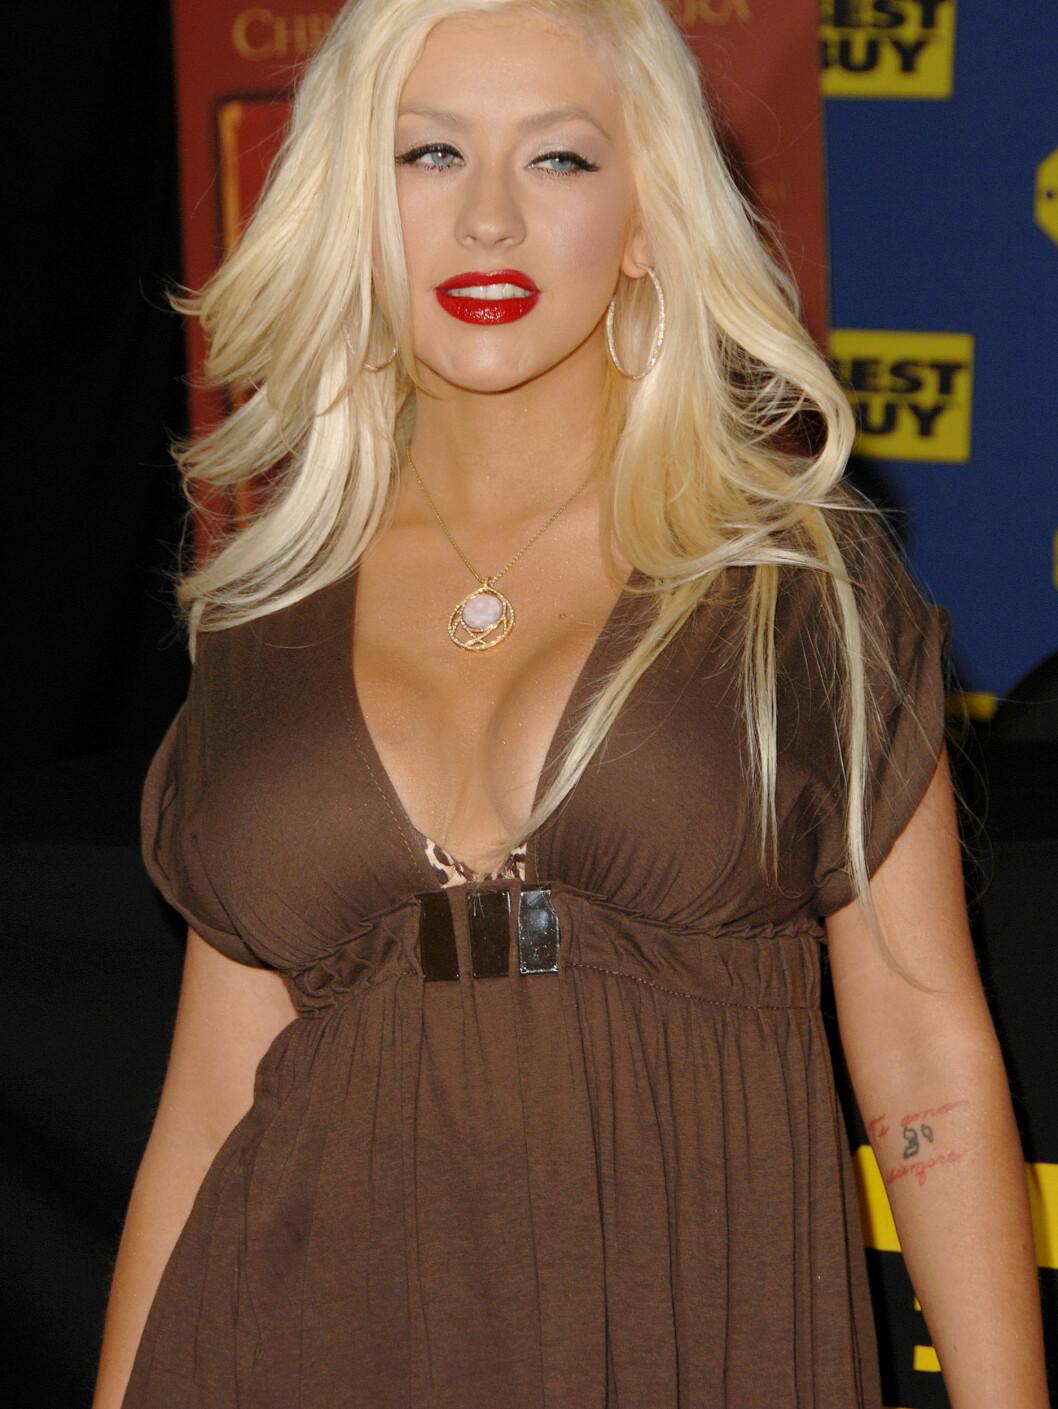 BEHOLDER PRISLAPPENE: Christina har nemlig ikke lyst til å glemme hvor store brystene hennes var da hun ammet. Foto: All Over Press